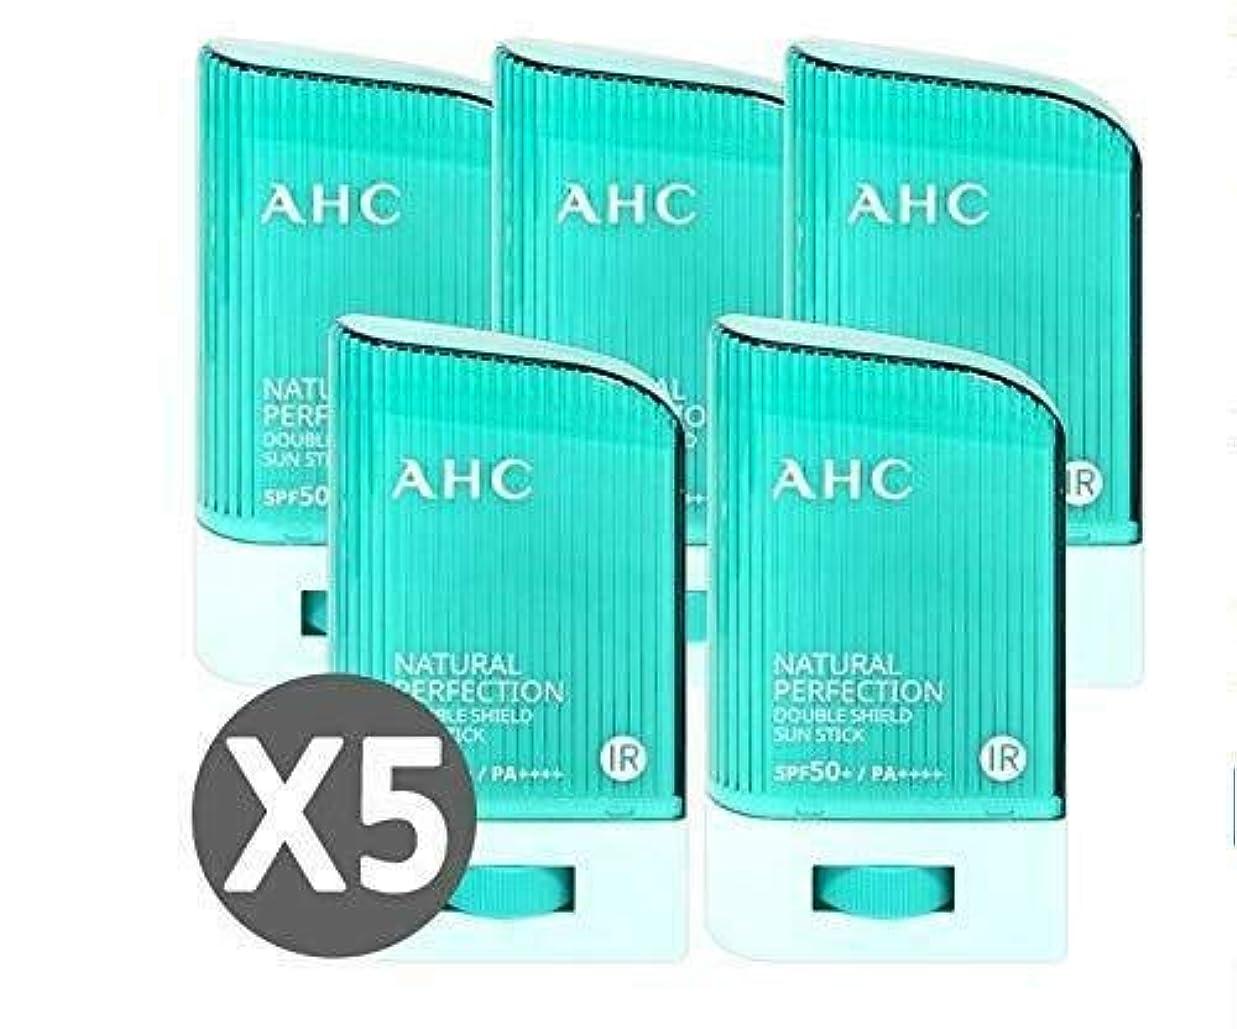 説明失態垂直[ 5個セット ] AHC ナチュラルパーフェクションダブルシールドサンスティック 22g, Natural Perfection Double Shield Sun Stick SPF50+ PA++++